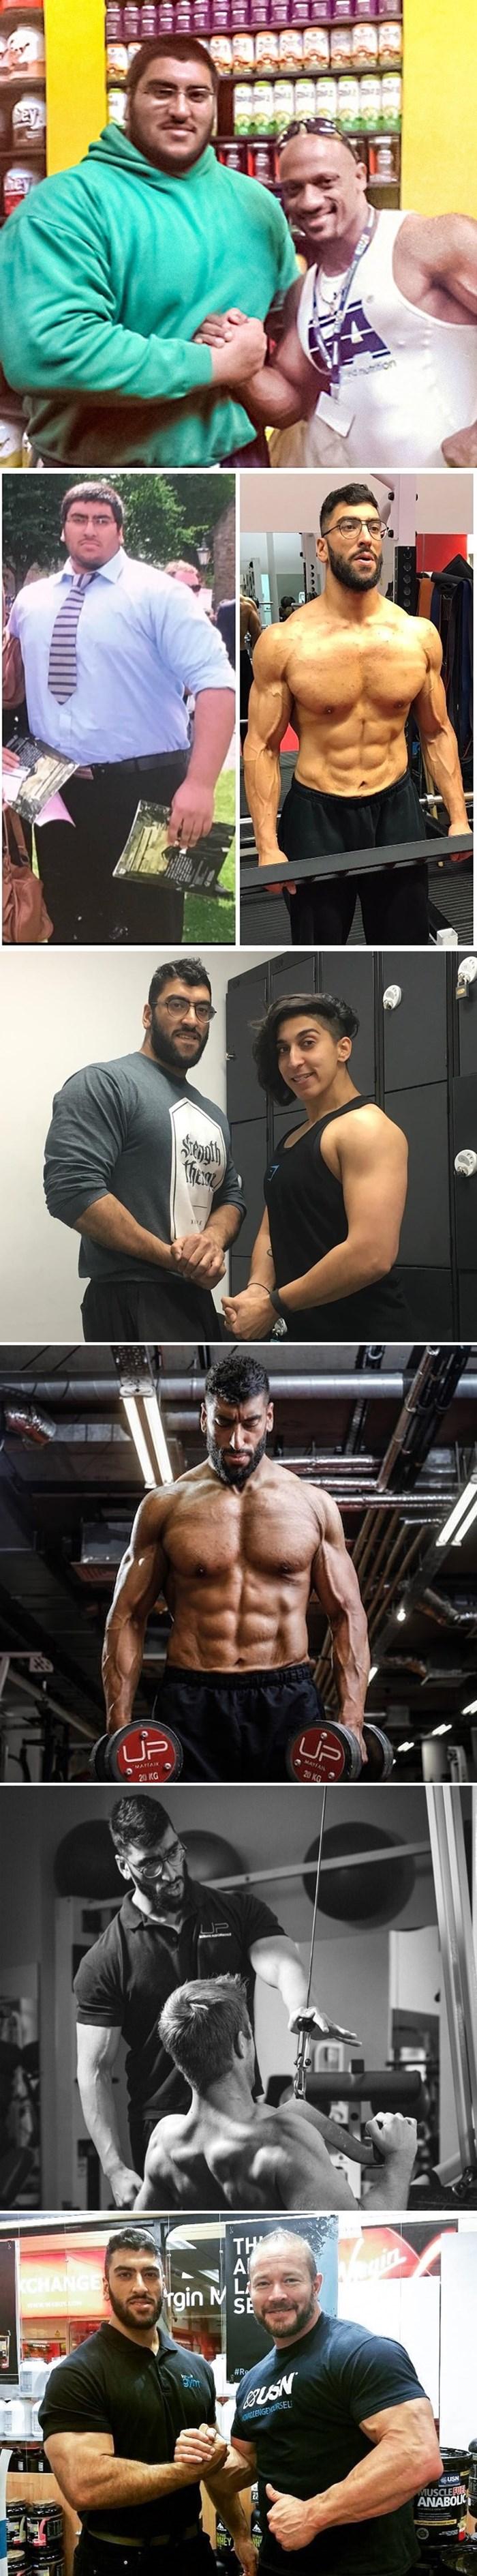 Nakon što je zbog svoje težine uništio tuš kabinu, potpuno je promijenio svoju prehranu i izgled